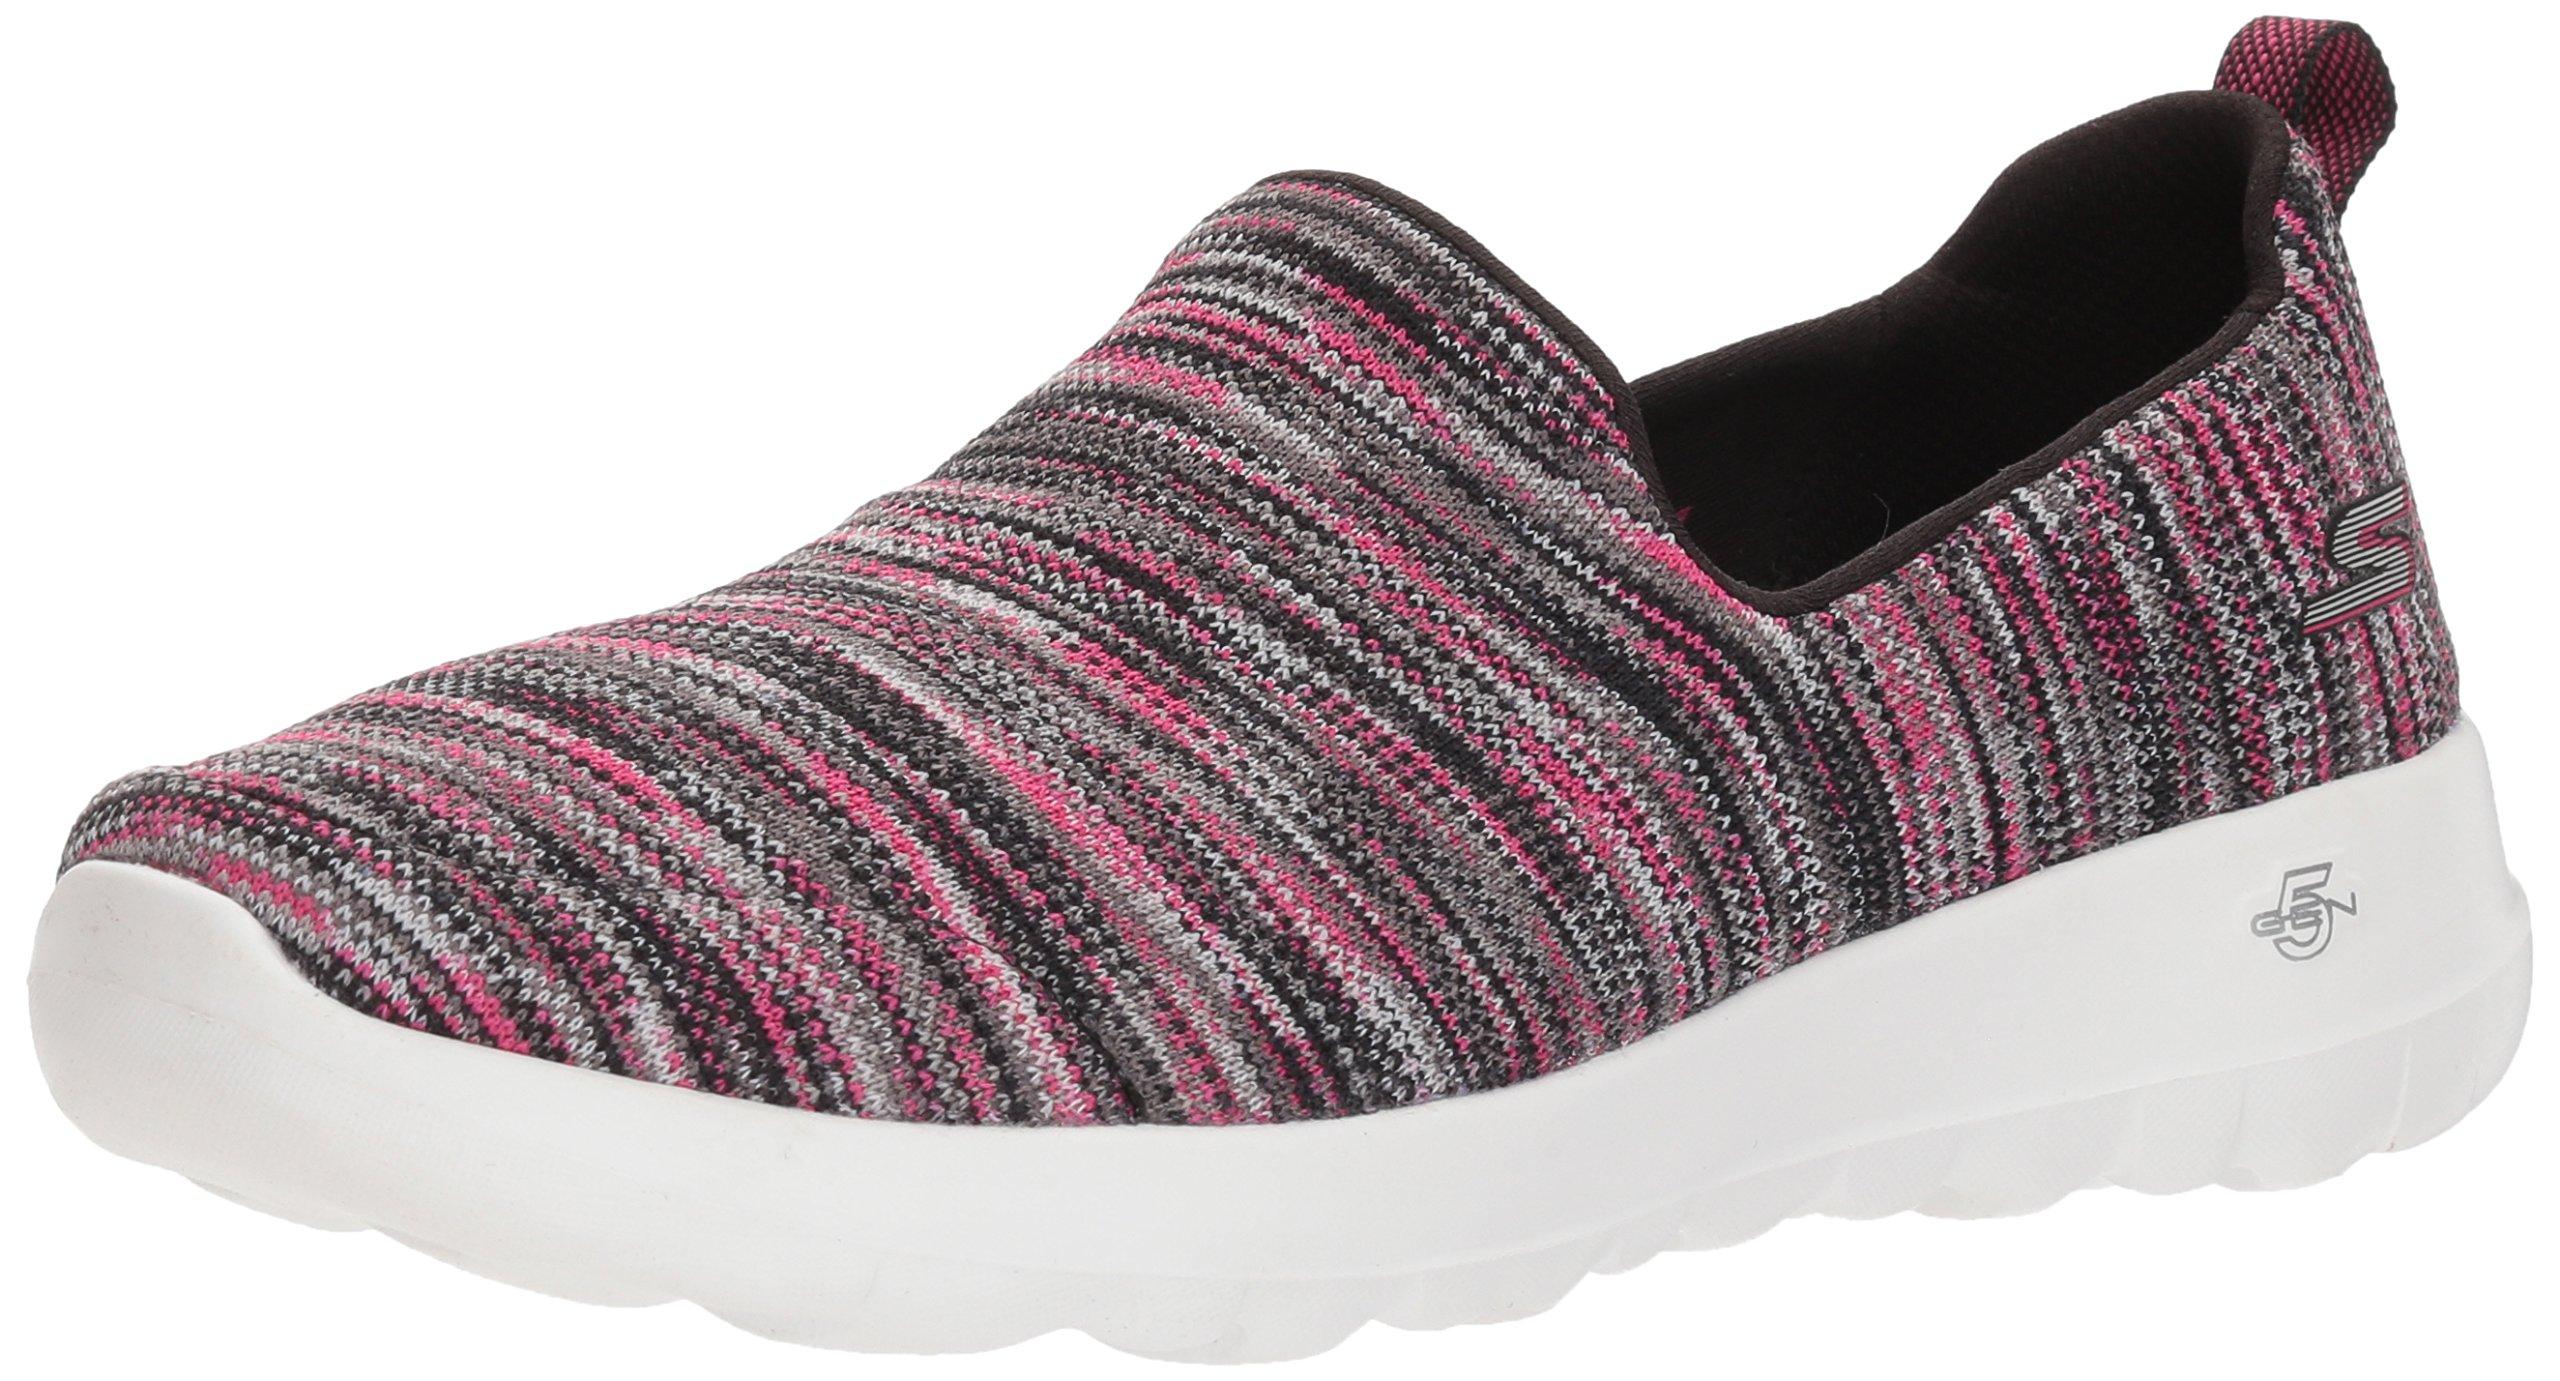 Skechers Performance Women's Go Walk Joy-15615 Sneaker,Black/Pink,7 M US